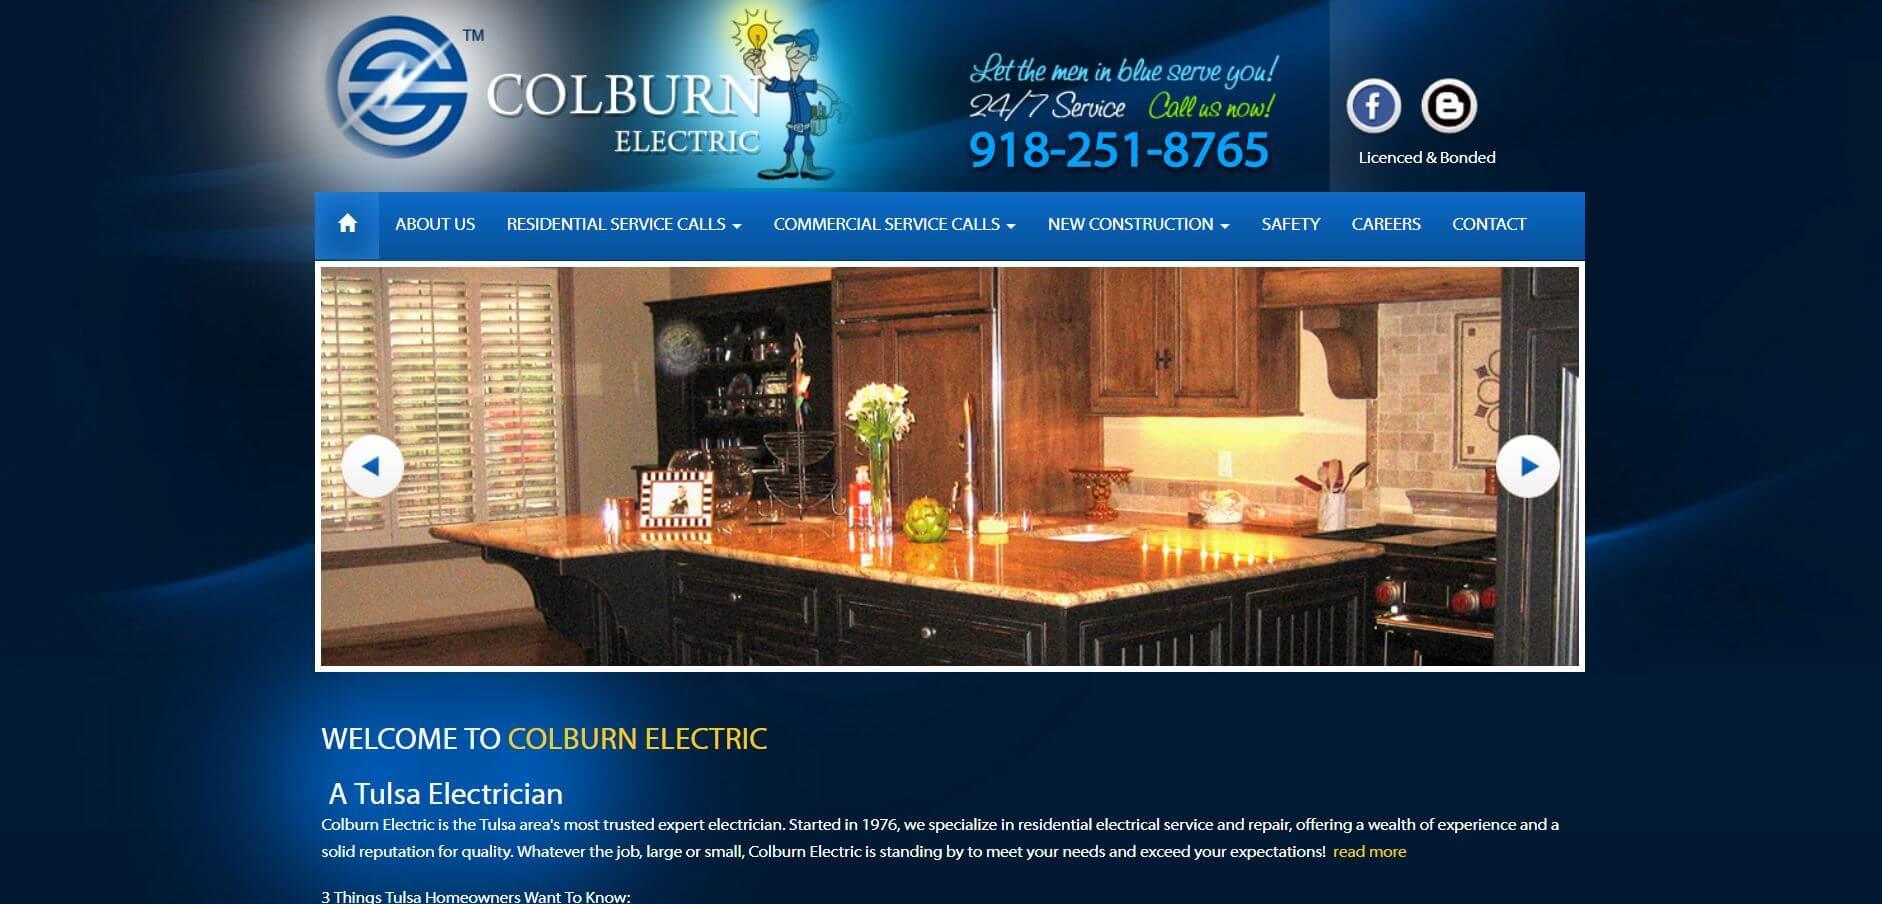 colburn electric electrician in tulsa 1